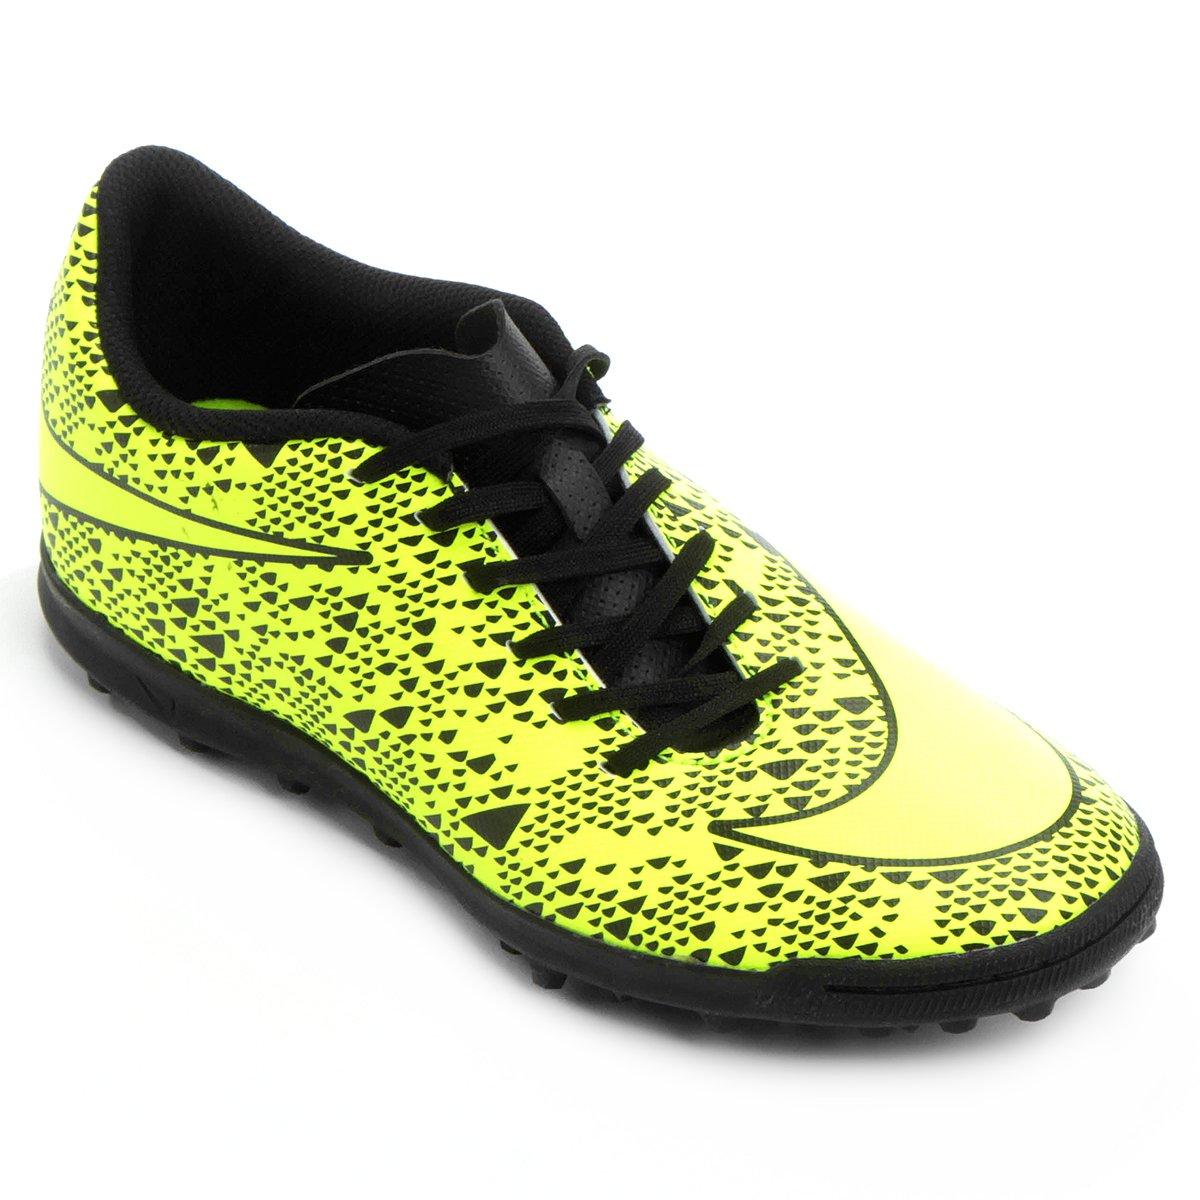 5b2ad71e54 Chuteira Society Nike Bravata TF Masculina